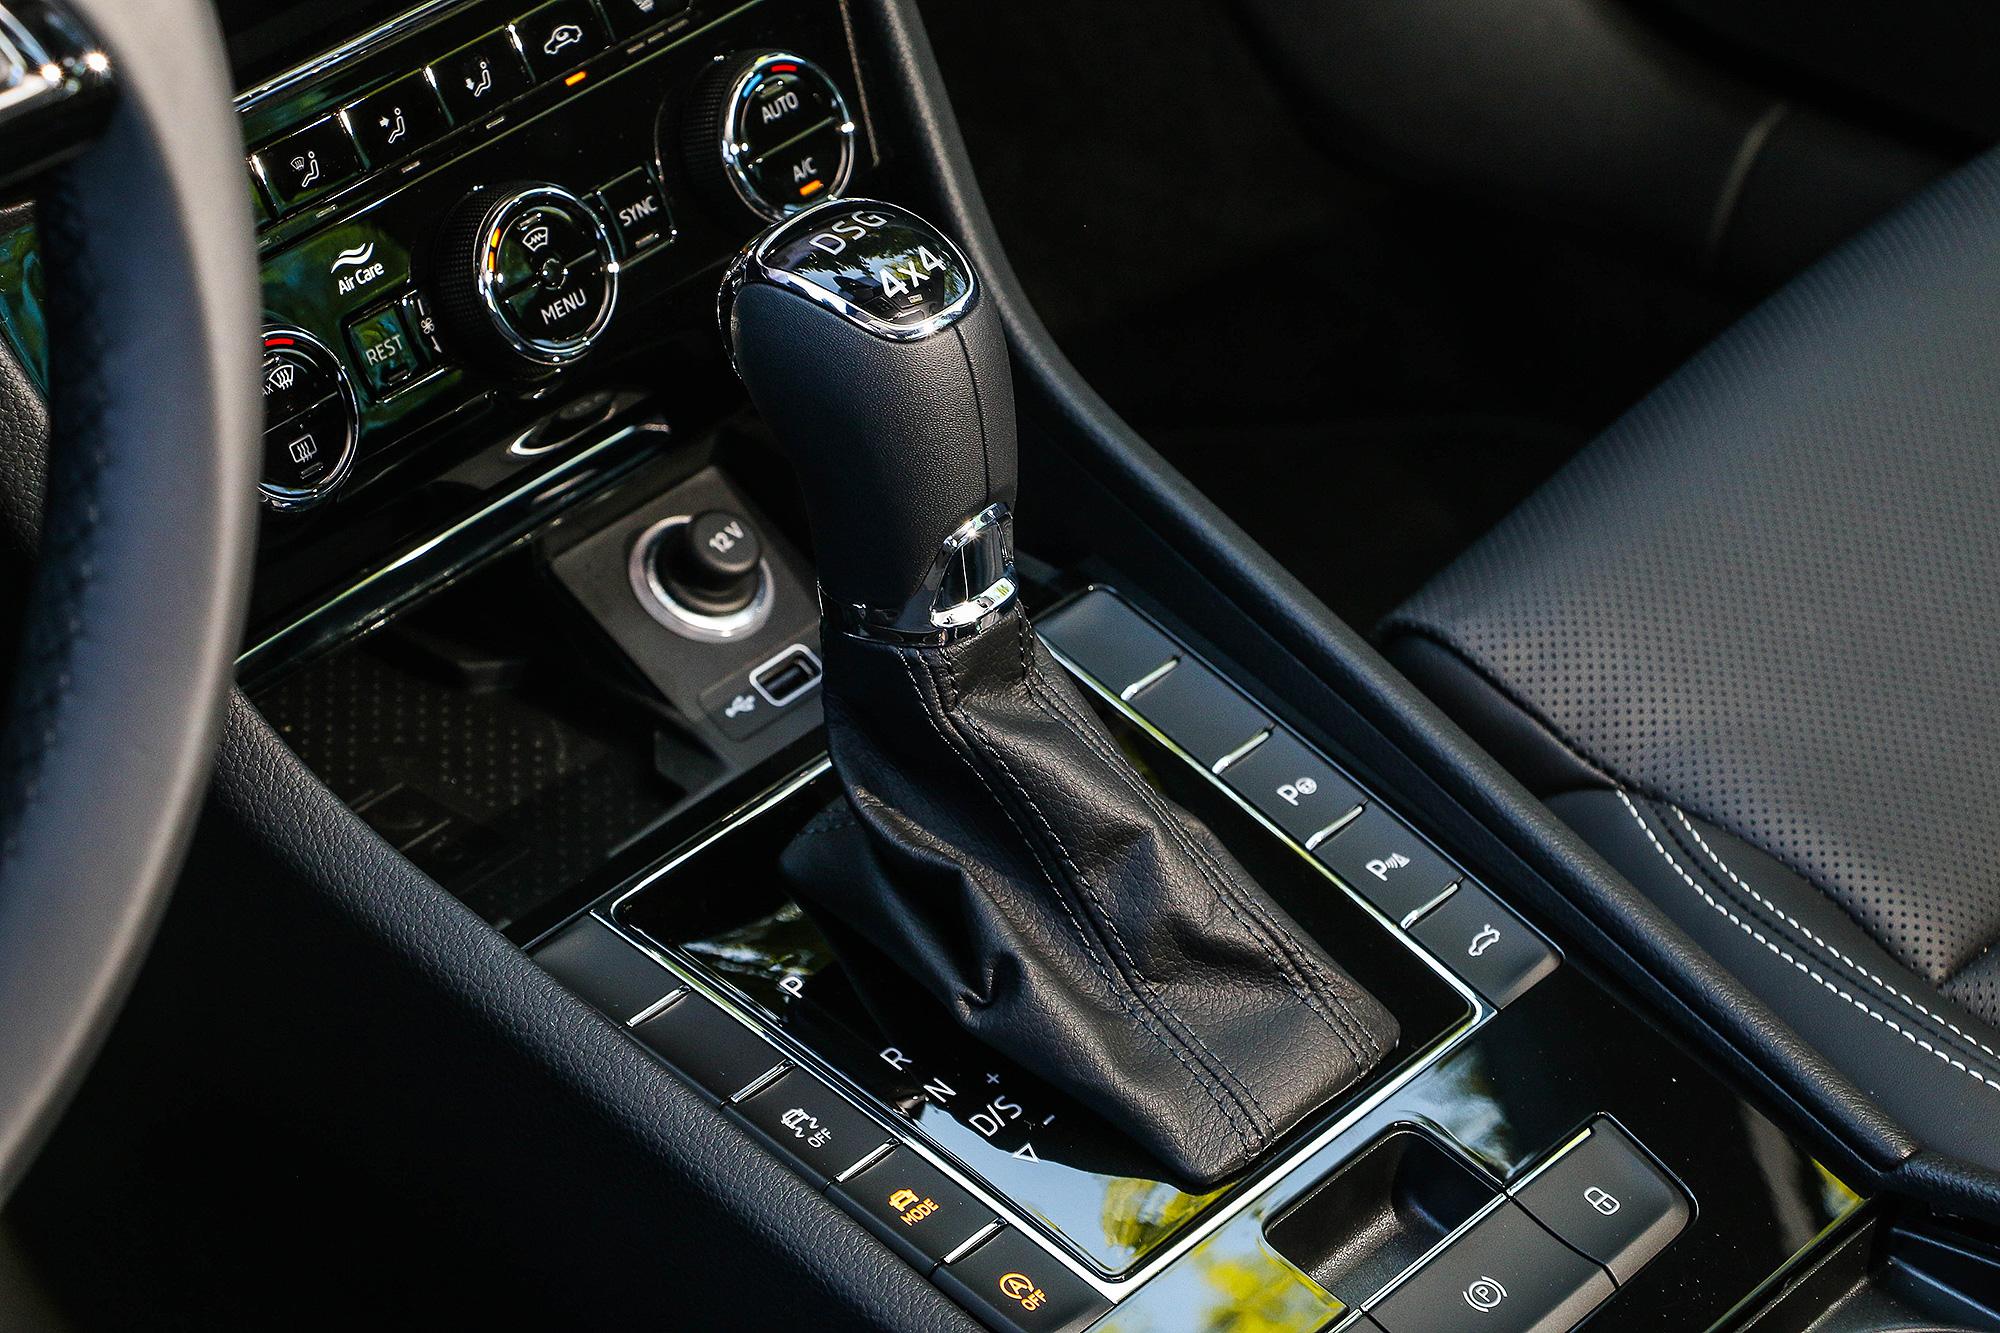 搭配 7 速 DSG 雙離合器變速箱與 4x4 全時四輪驅動系統。